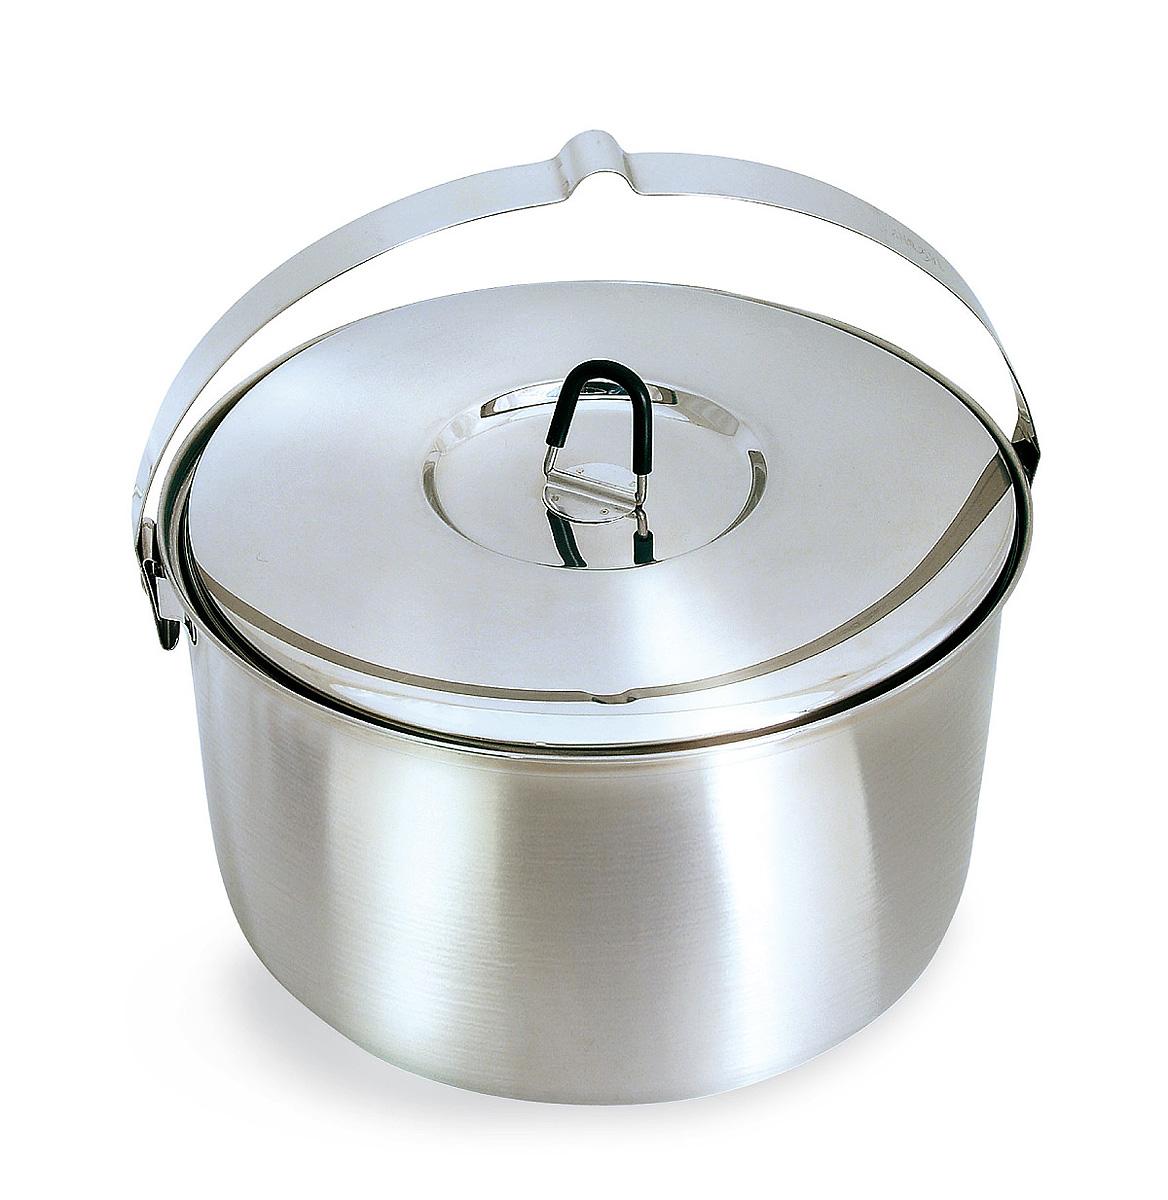 Котелок походный Tatonka Family Pot, 6 лWS 7064Вместительный котелок Tatonka Family Pot отлично подойдет для большой компании. Выполнен из высококачественной нержавеющей стали 18/8, которая легко чистится, не имеет привкуса, устойчива к коррозии, долговечна. Крышка котелка имеет не нагревающуюся ручку.Преимущества и особенности:Выполнен из нержавеющей сталиМерная шкала внутри котелкаПрорезиненная ручка крышки.Диаметр котелка: 26 см.Высота котелка: 15 см.